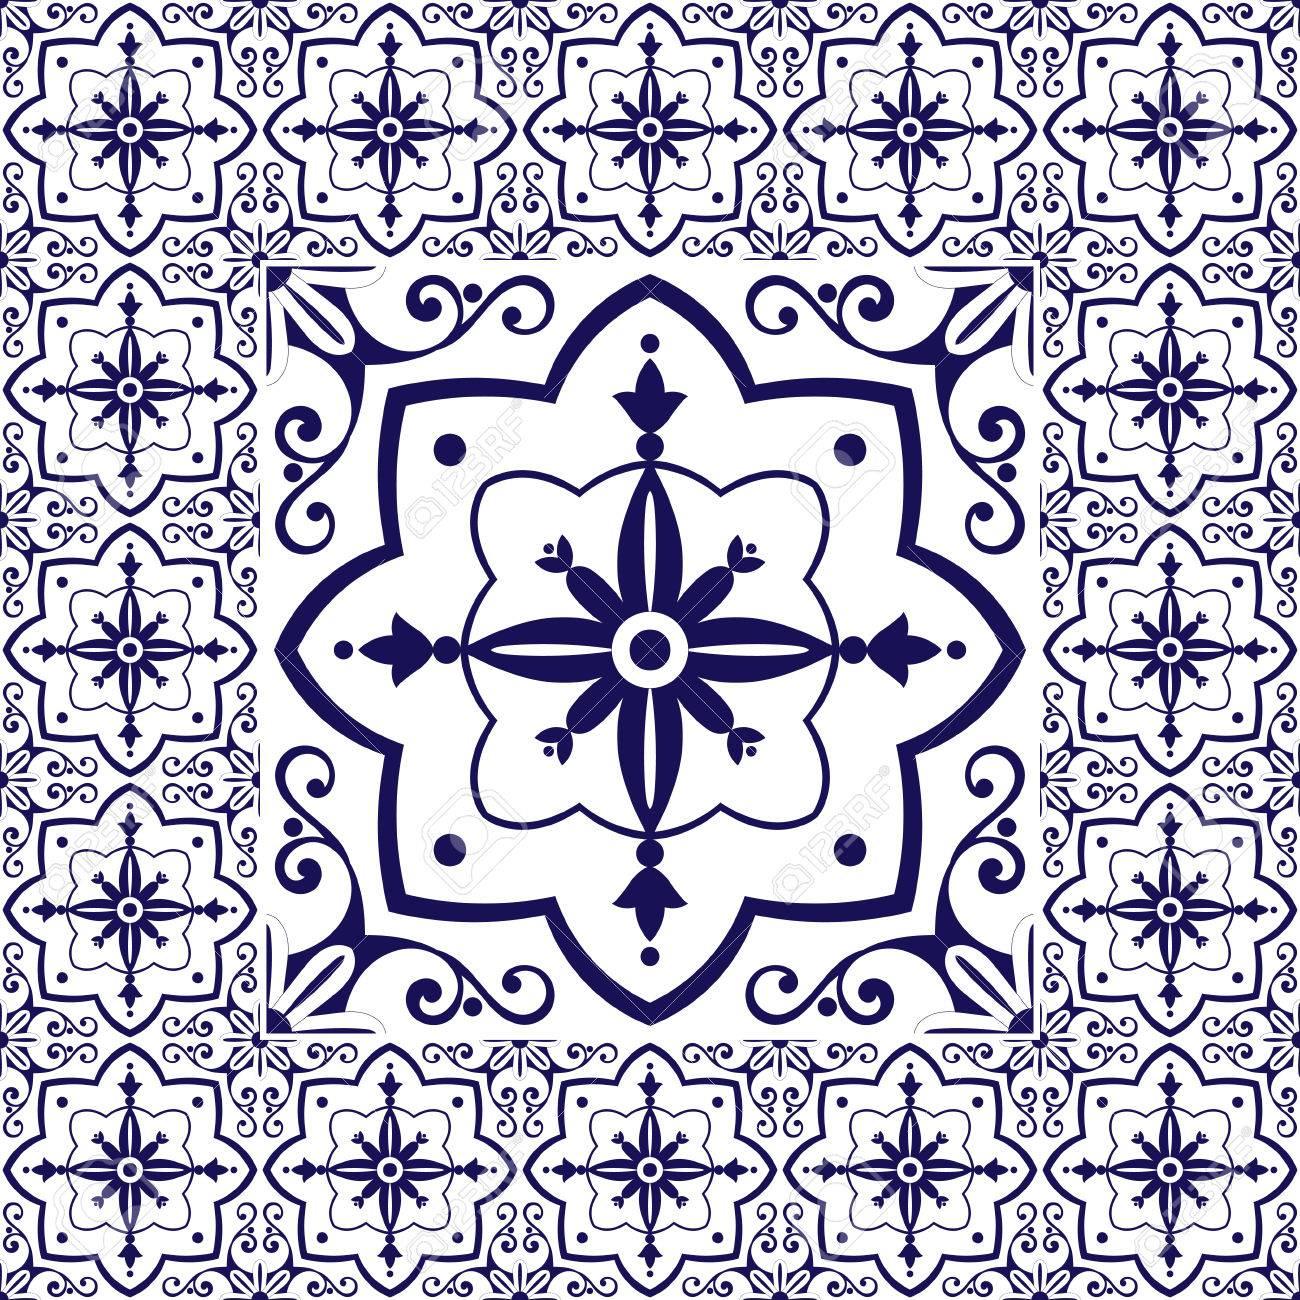 Sol De Carrelage En Bleu Blanc Vecteur De Motif Vintage Avec